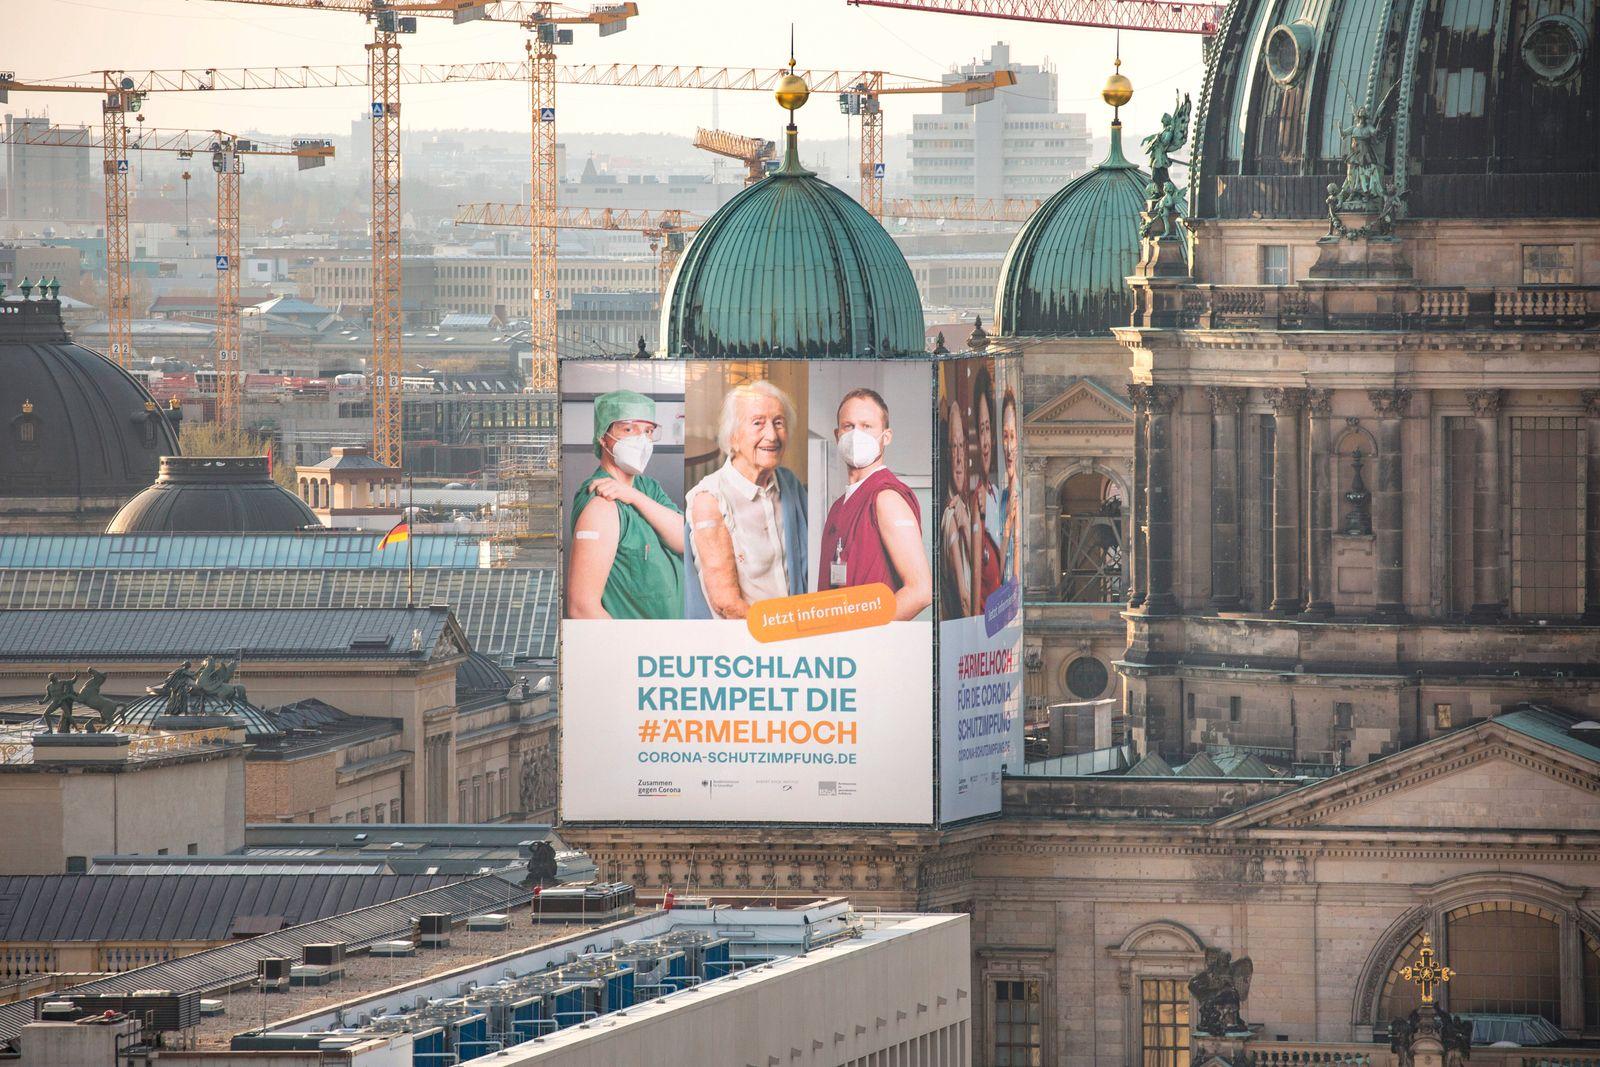 Plakat zur Impfkampagne der Bundesregierung für die Corona Schutzimpfung am Berliner Dom 17.04.2021, Berlin, GER - Plaka